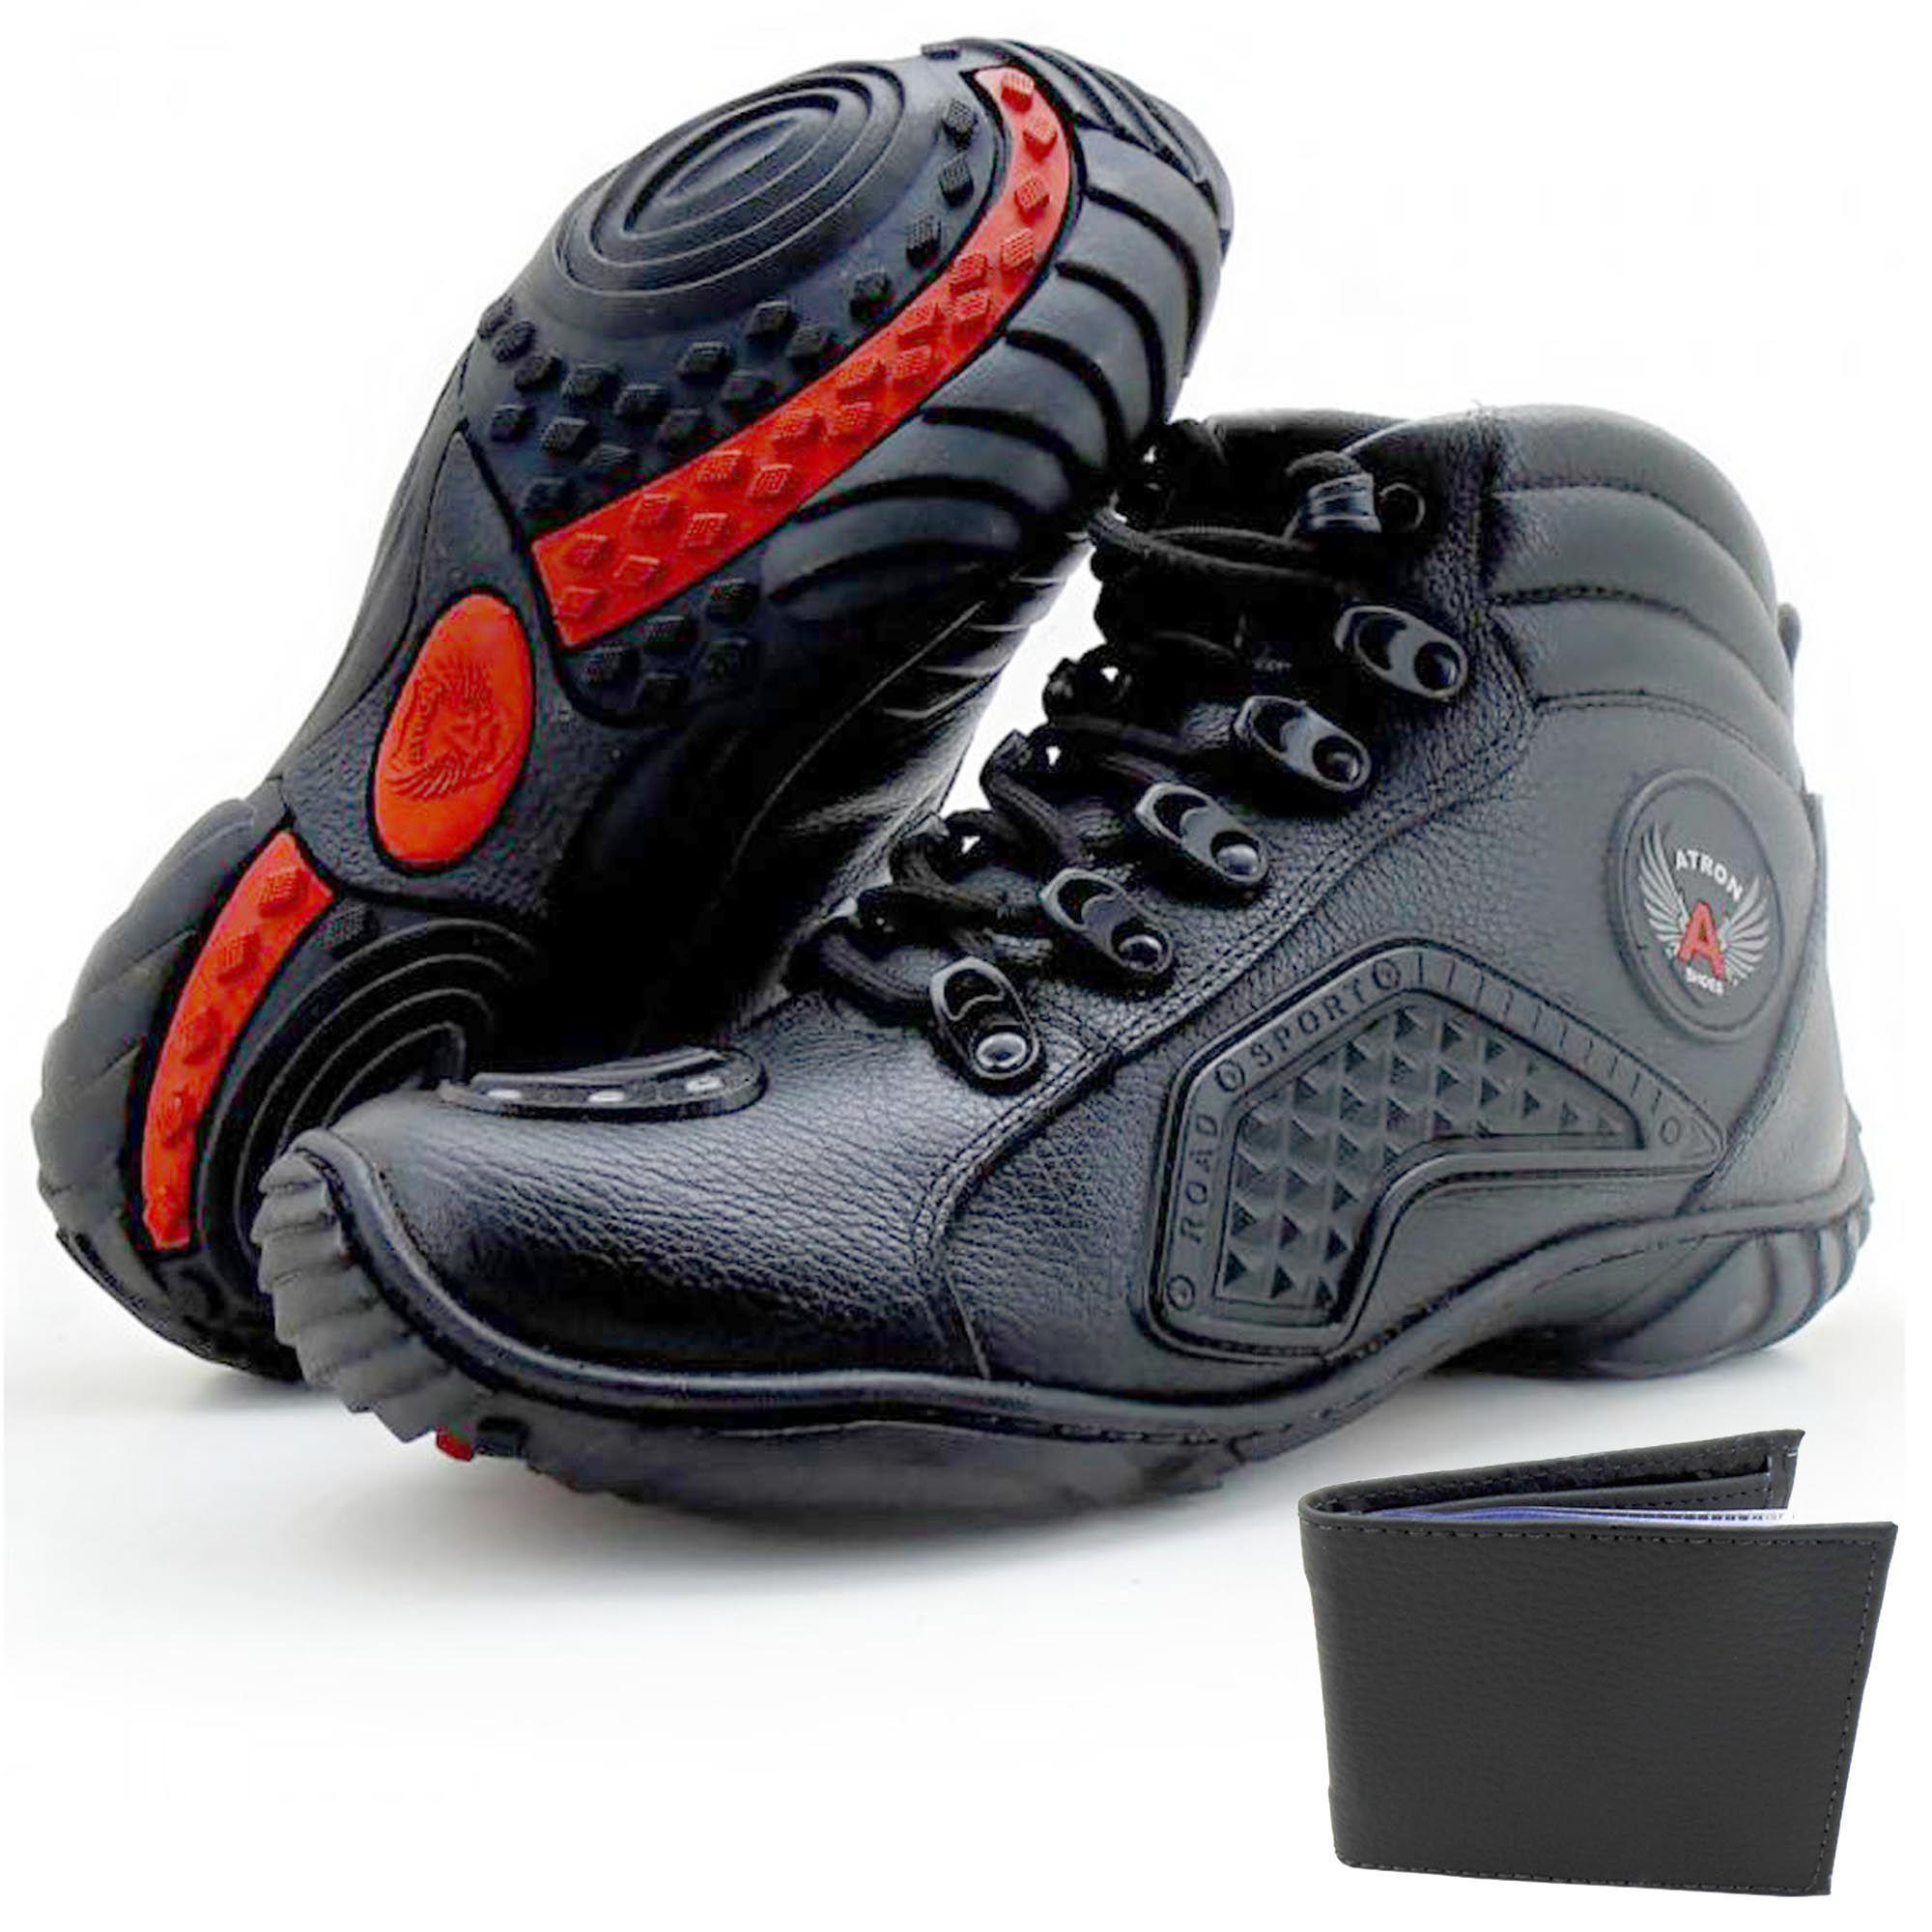 Tênis motociclista em couro na cor preta Atrons Shoes - GRÁTIS 1 CARTEIRA - 274